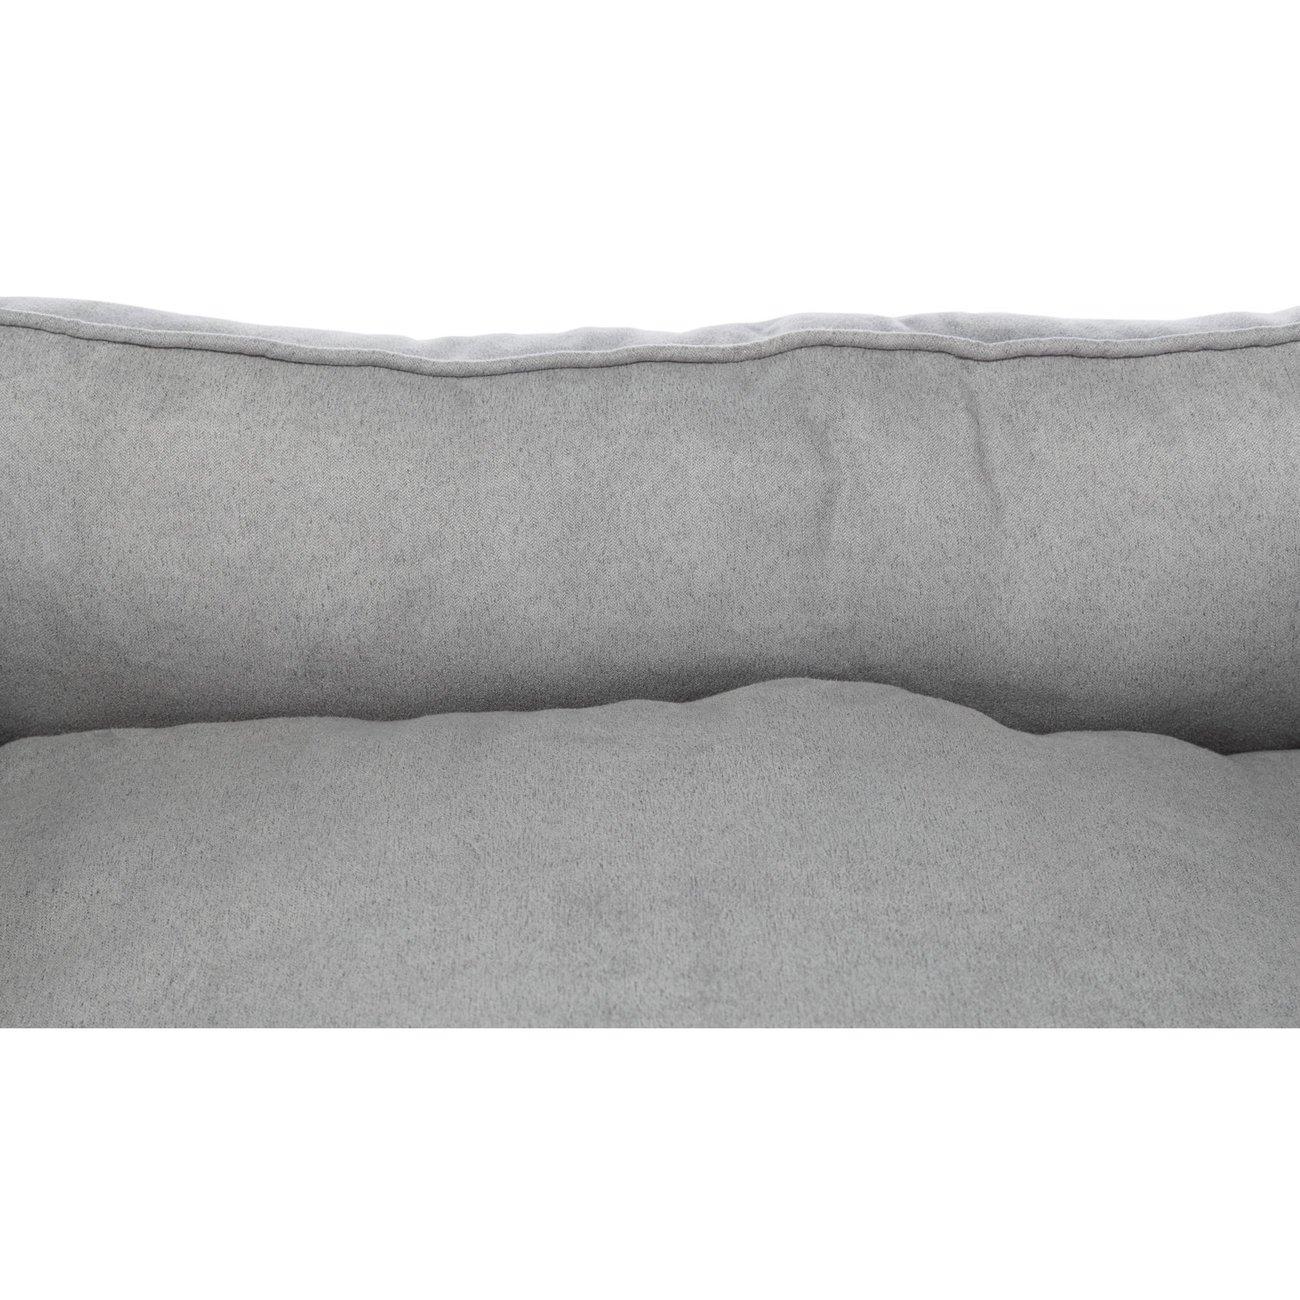 TRIXIE Wärmebett für Hunde Fendro 37517, Bild 5